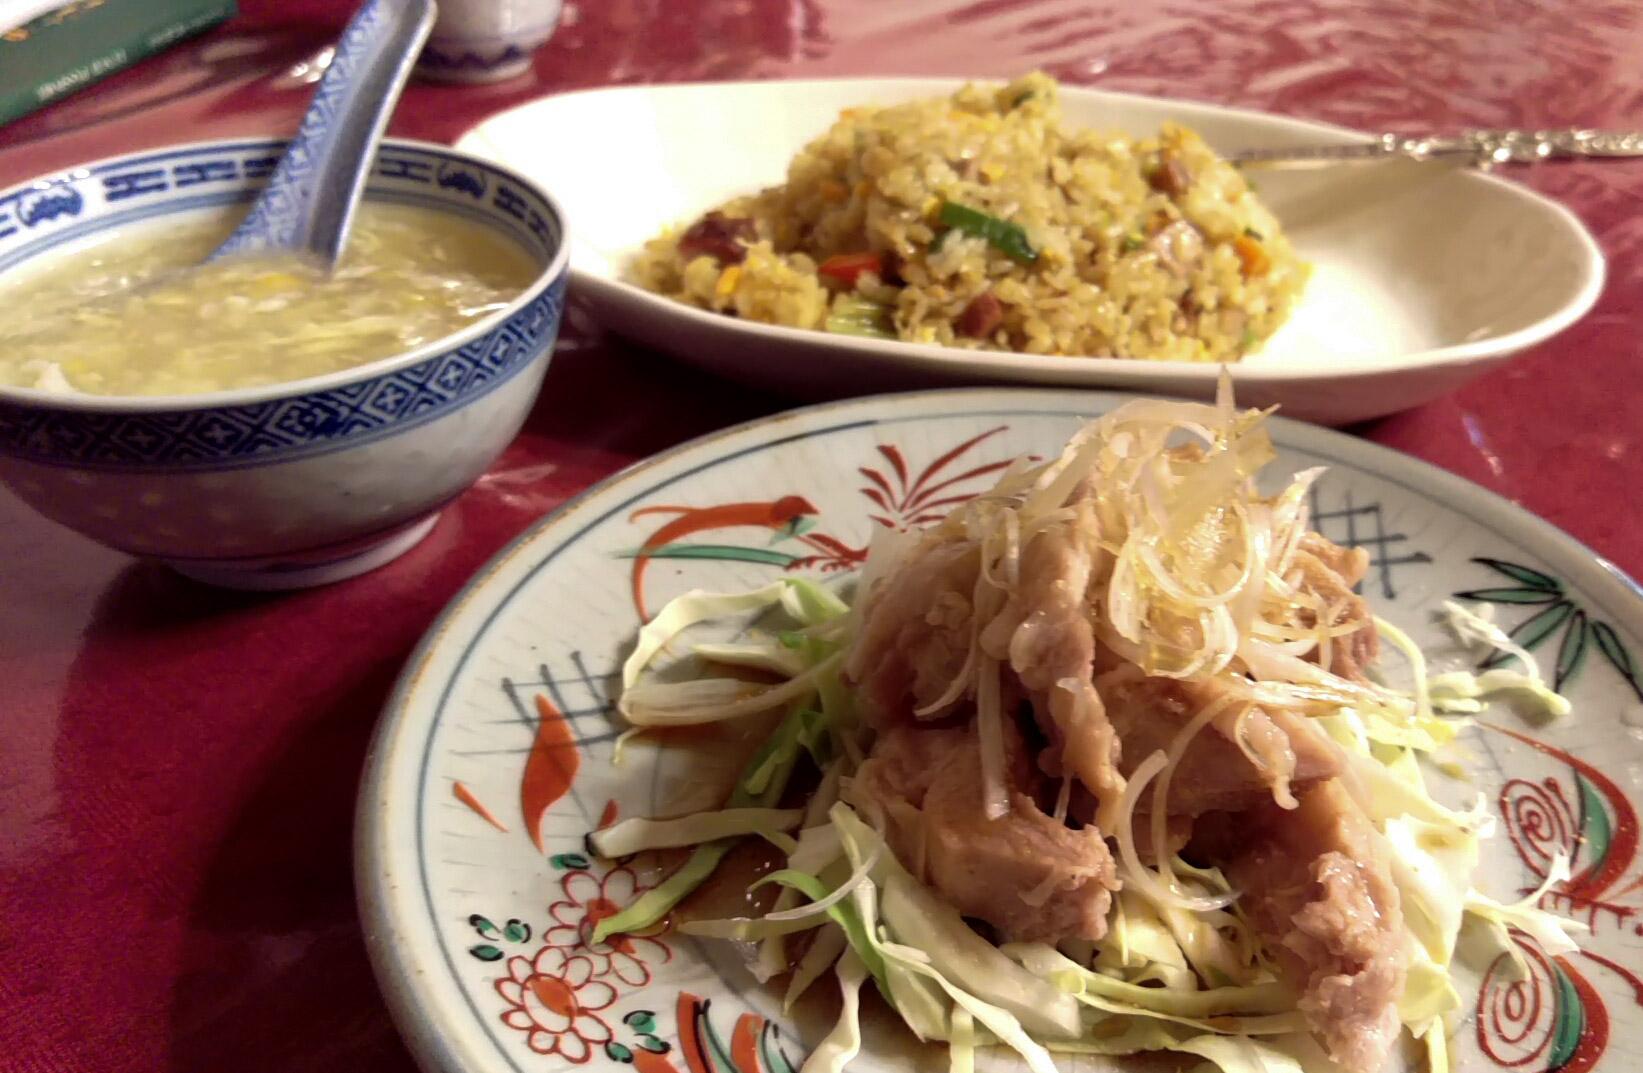 カレーチャーハンと蒸し鶏 日替わりスープのセット@紅宝石さん